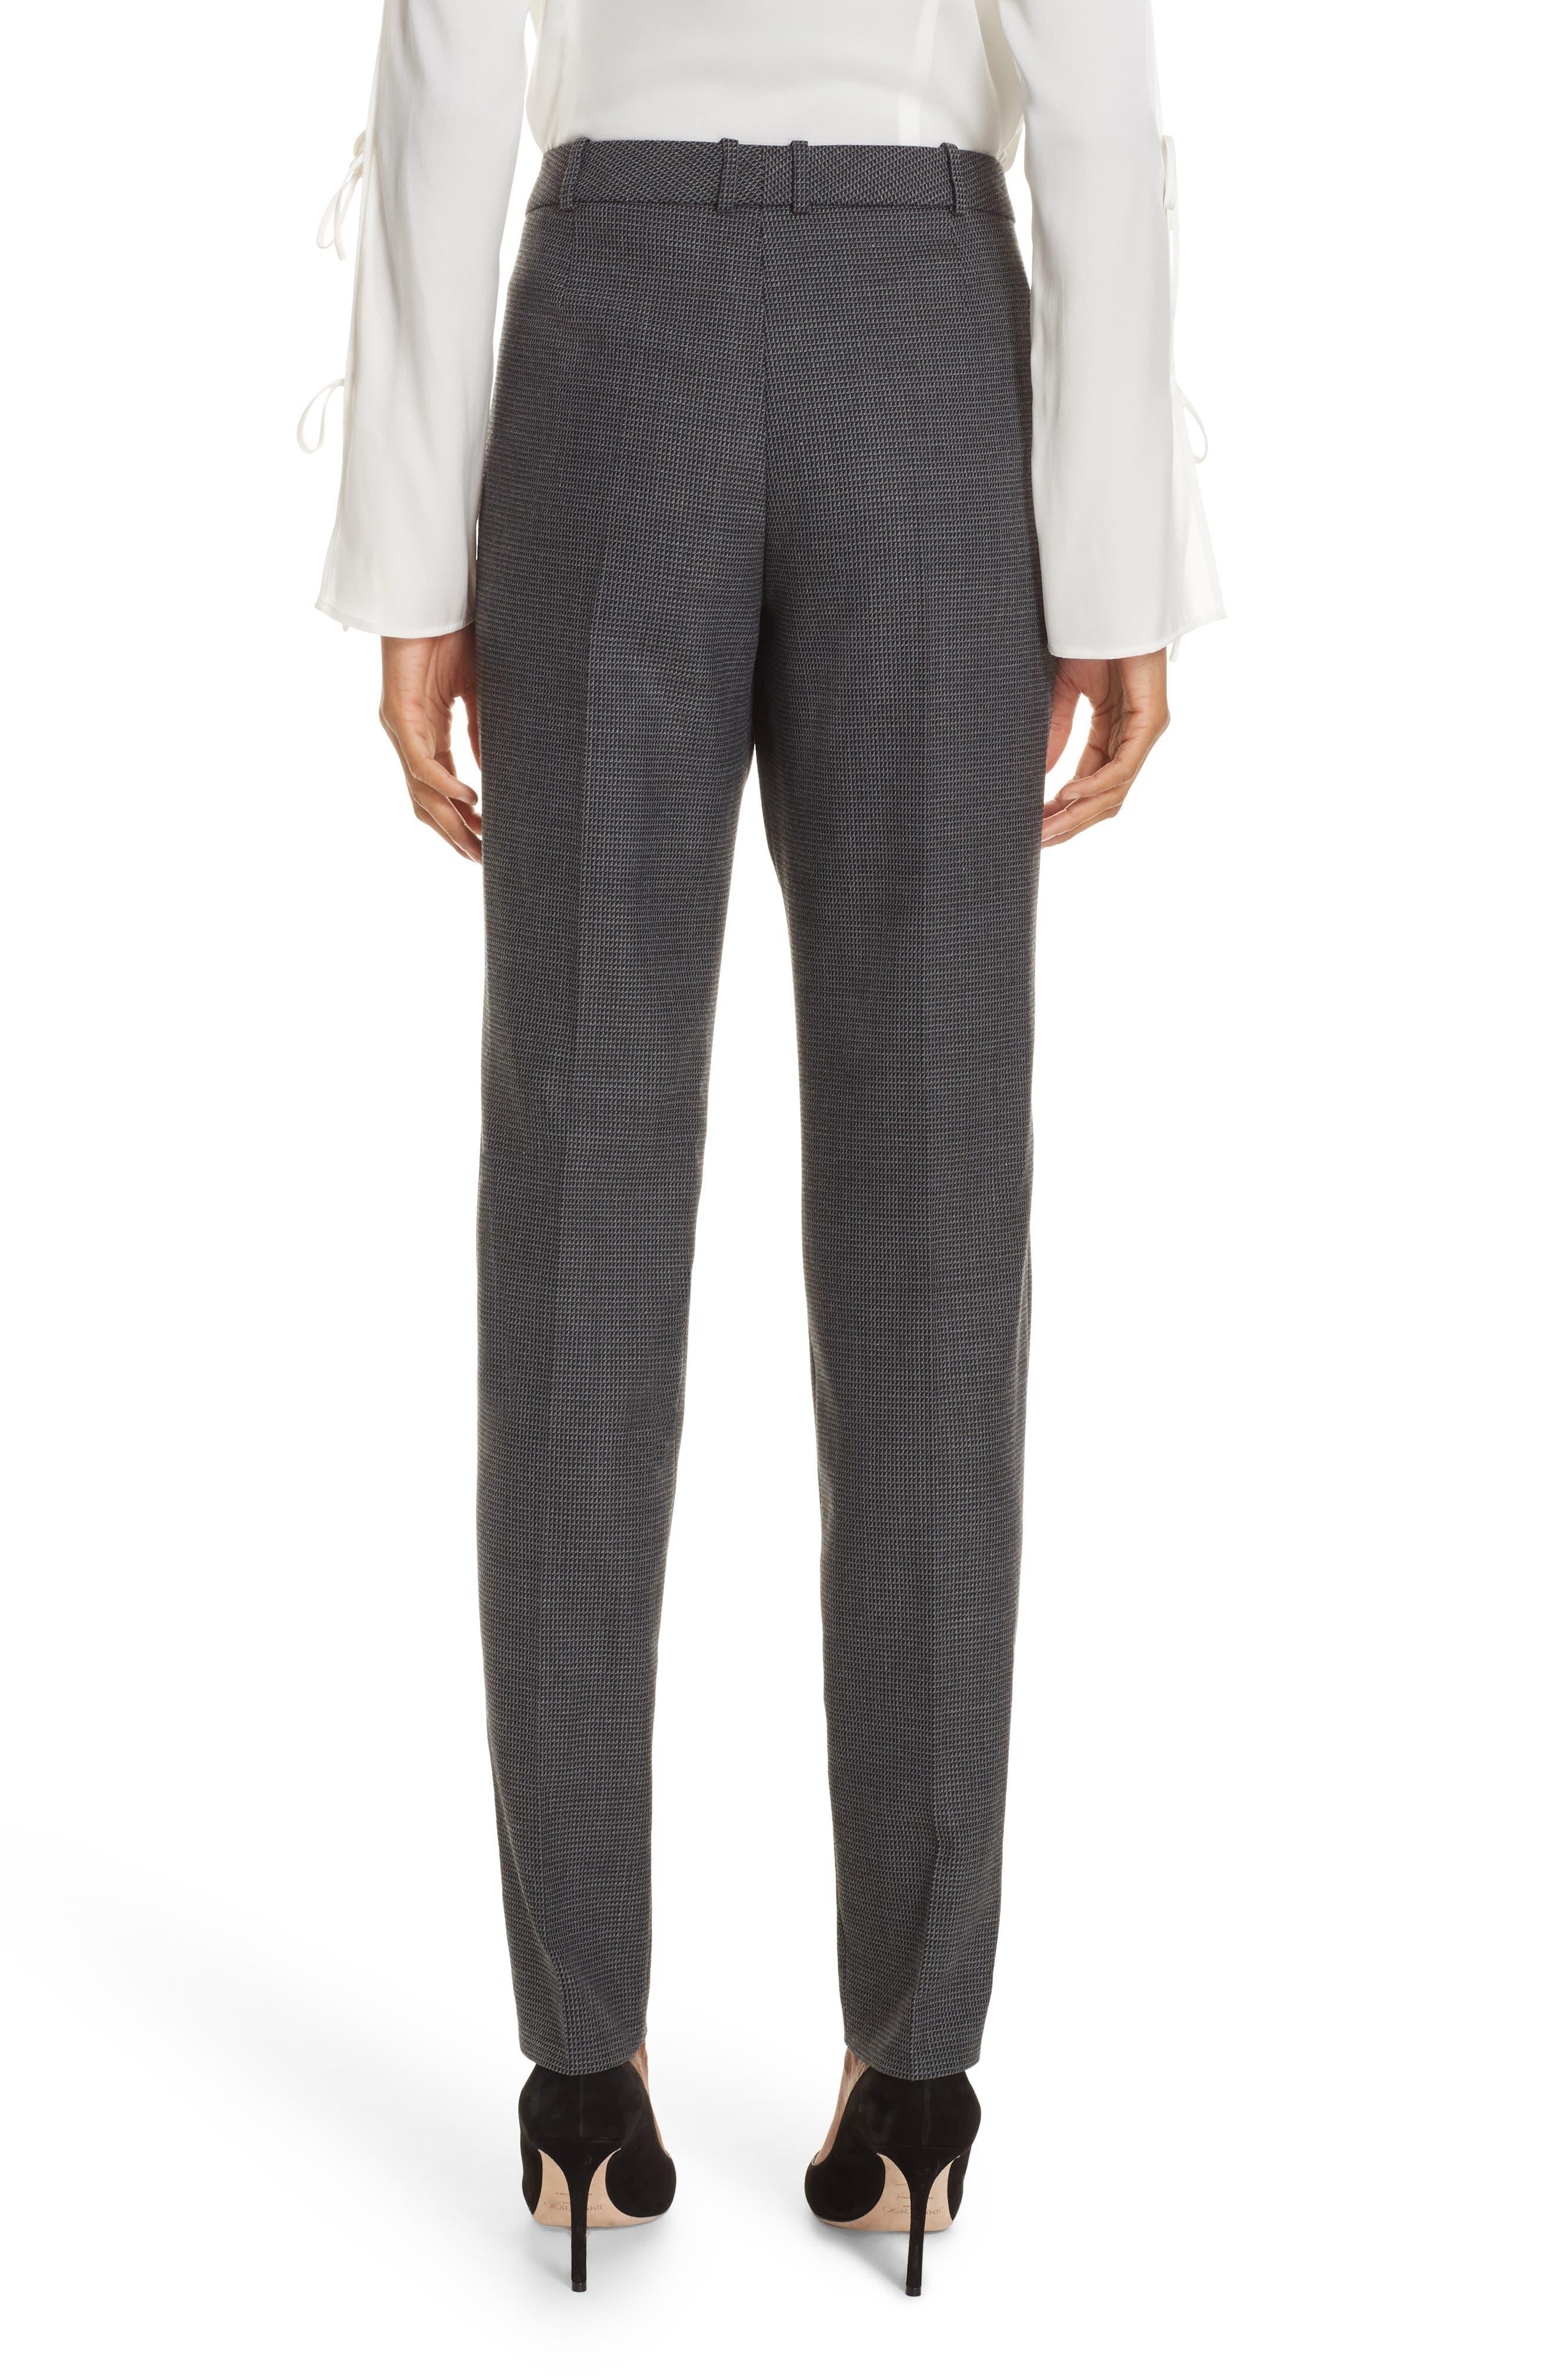 Tilunana Pinstripe Suit Trousers,                             Alternate thumbnail 2, color,                             020